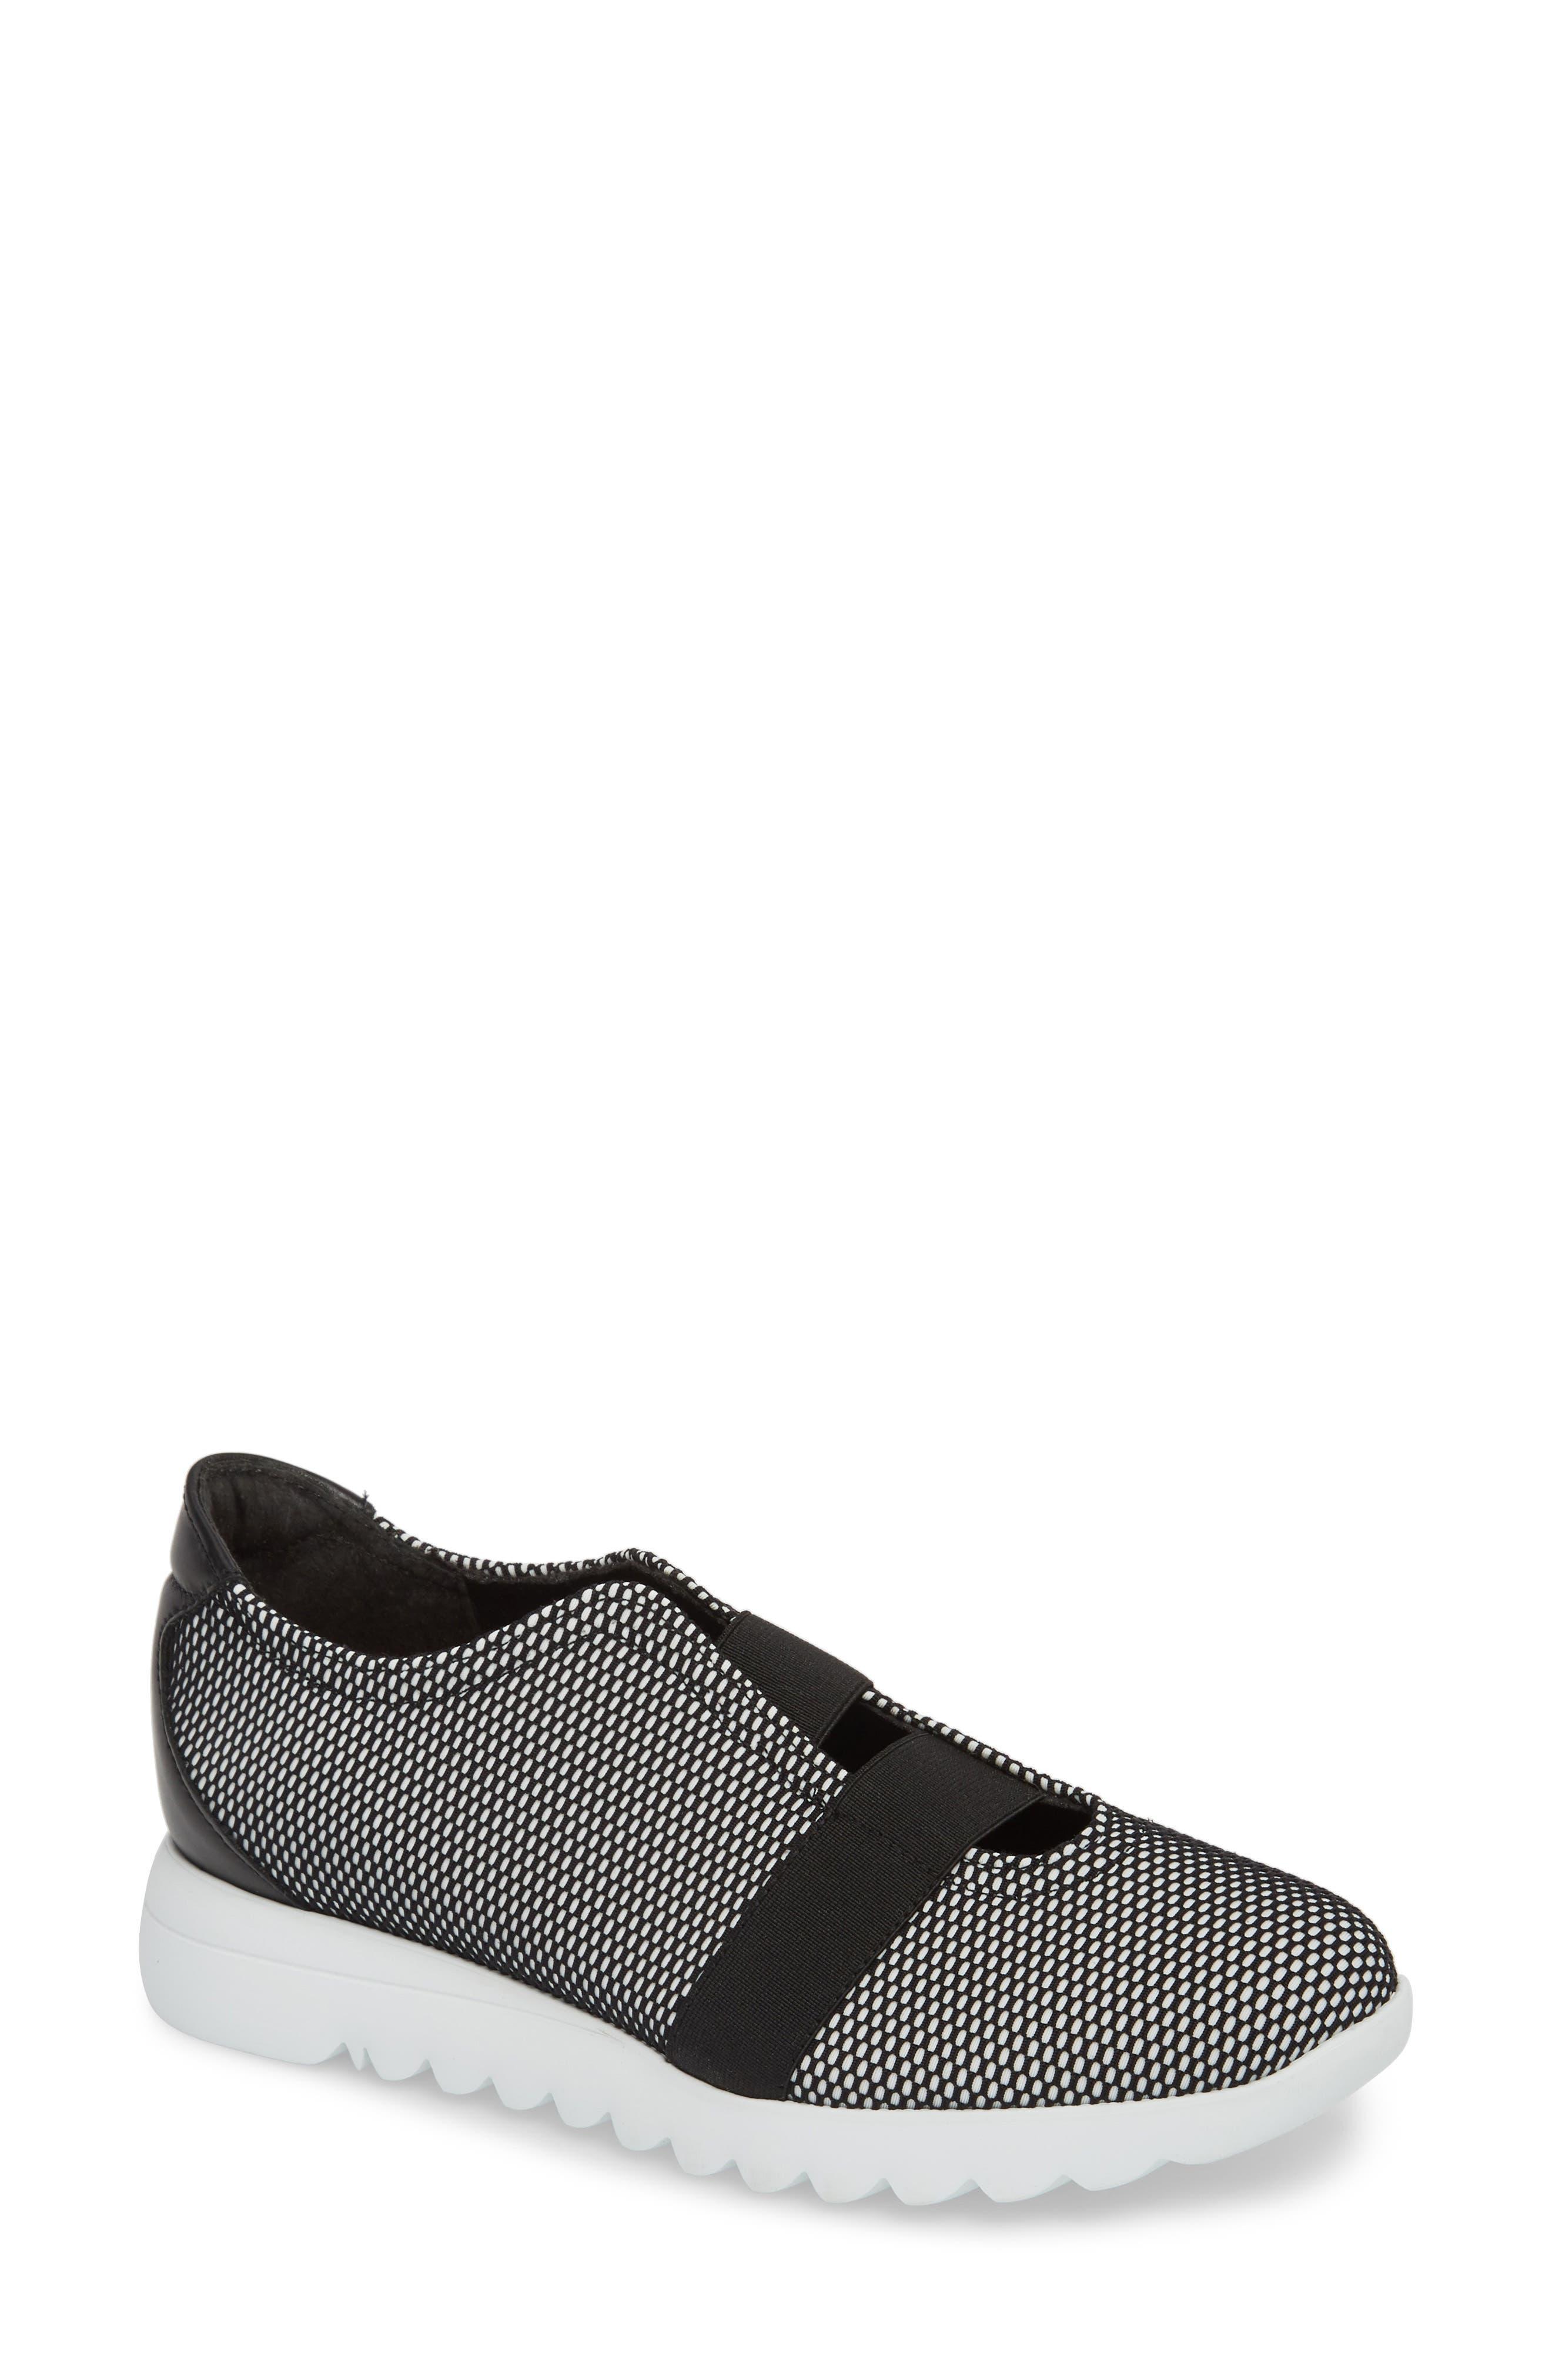 Munro Alta Slip-On Sneaker SS - Black